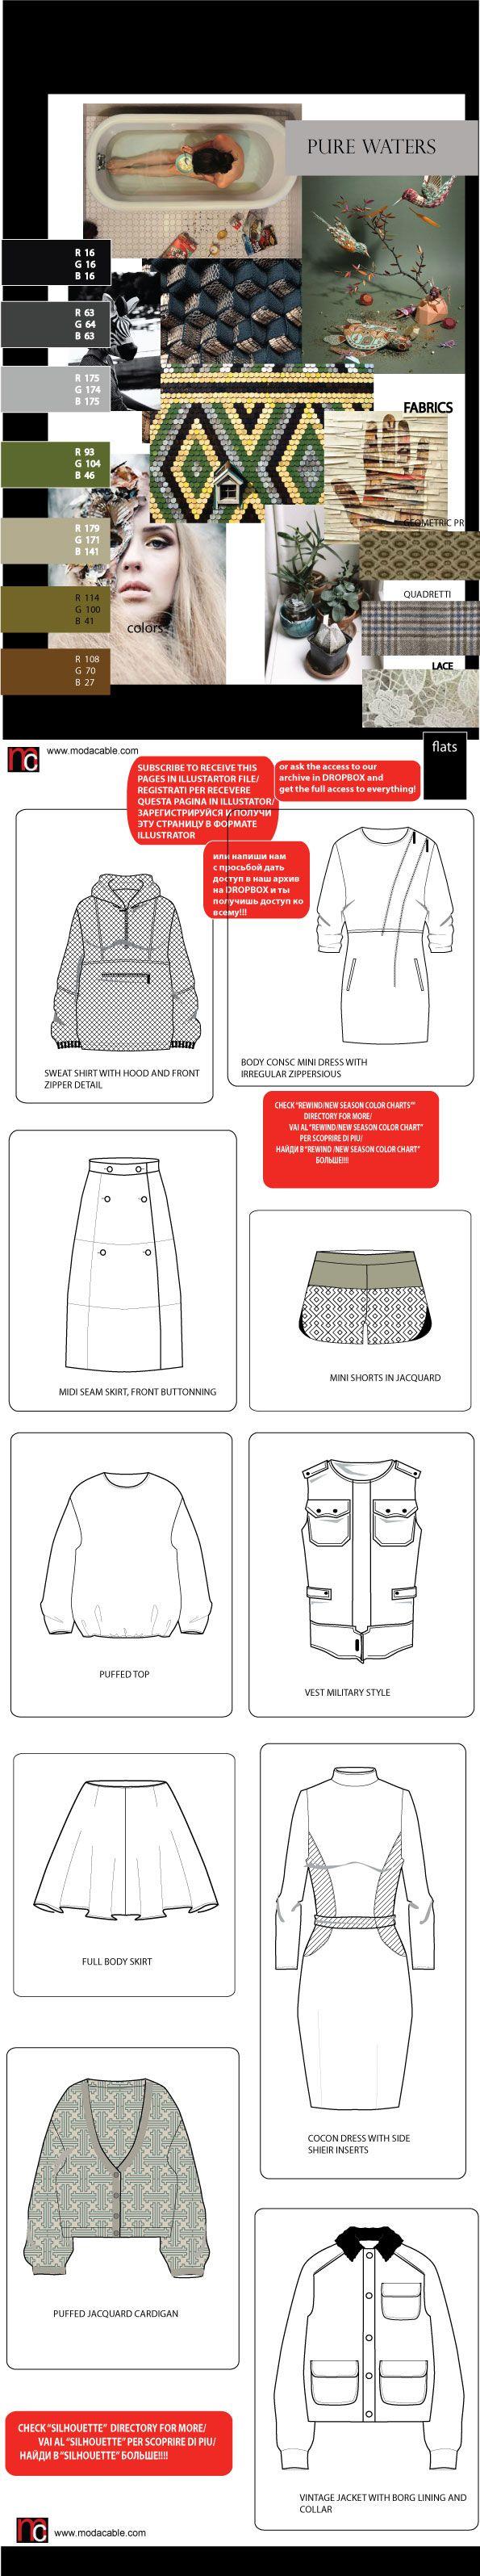 Concepto de diseño y trazo plano que sirve para describir la prenda para su producción. El trazo plano se incluye en la ficha técnica junto con toda la descripción de los procesos de producción.